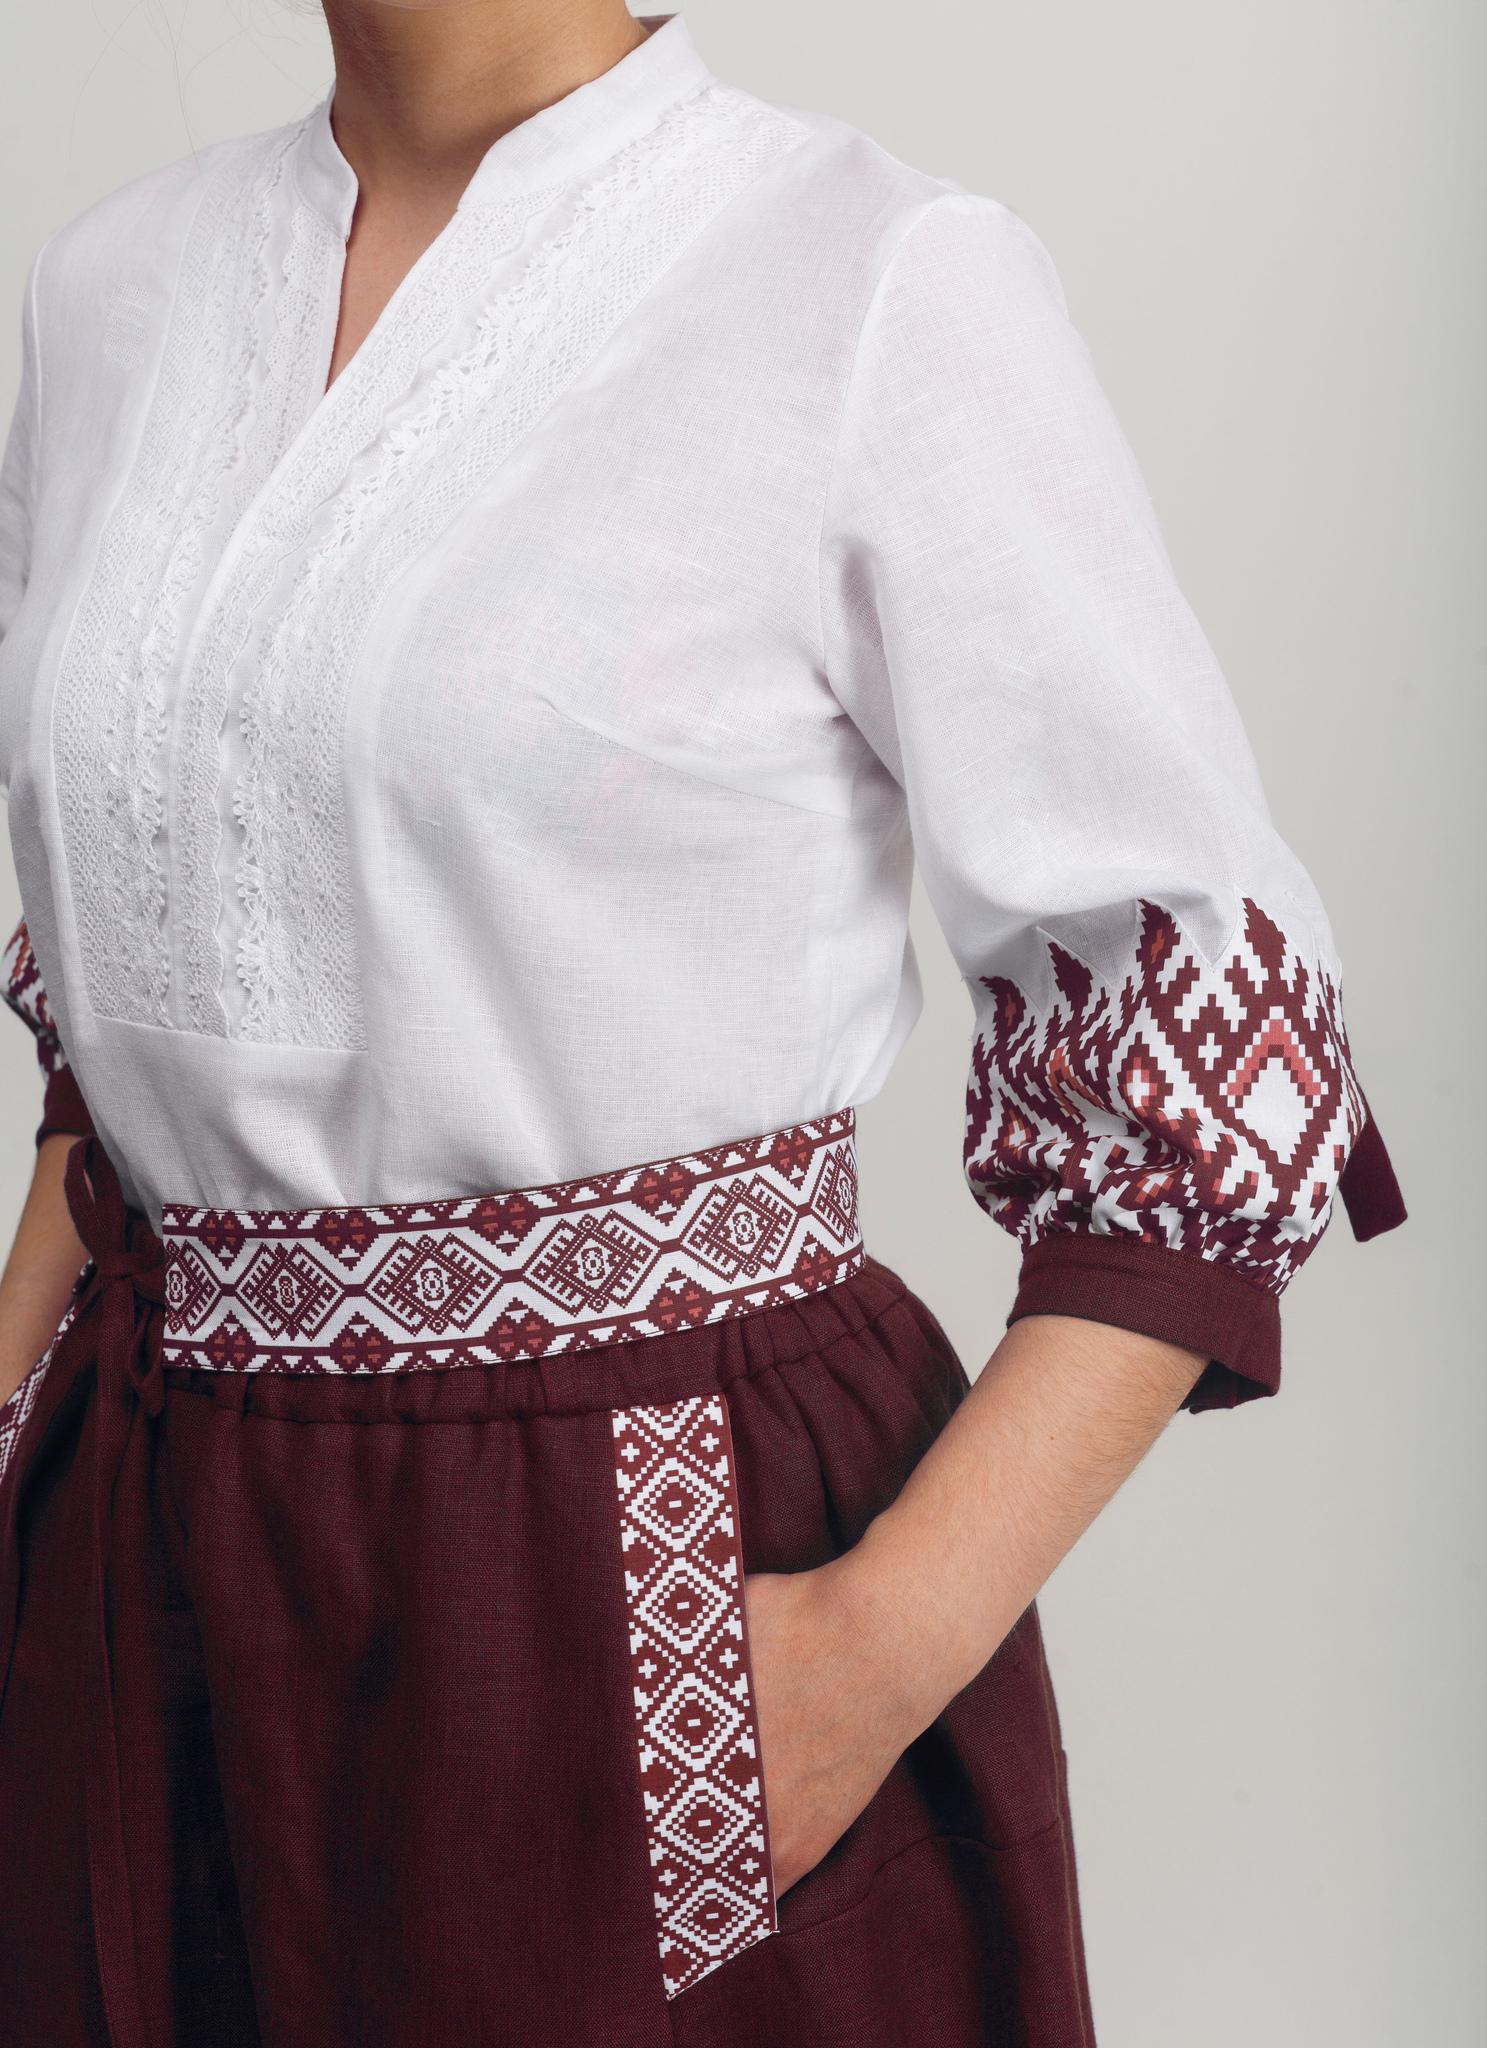 Блуза Родные узоры 02 вид сбоку